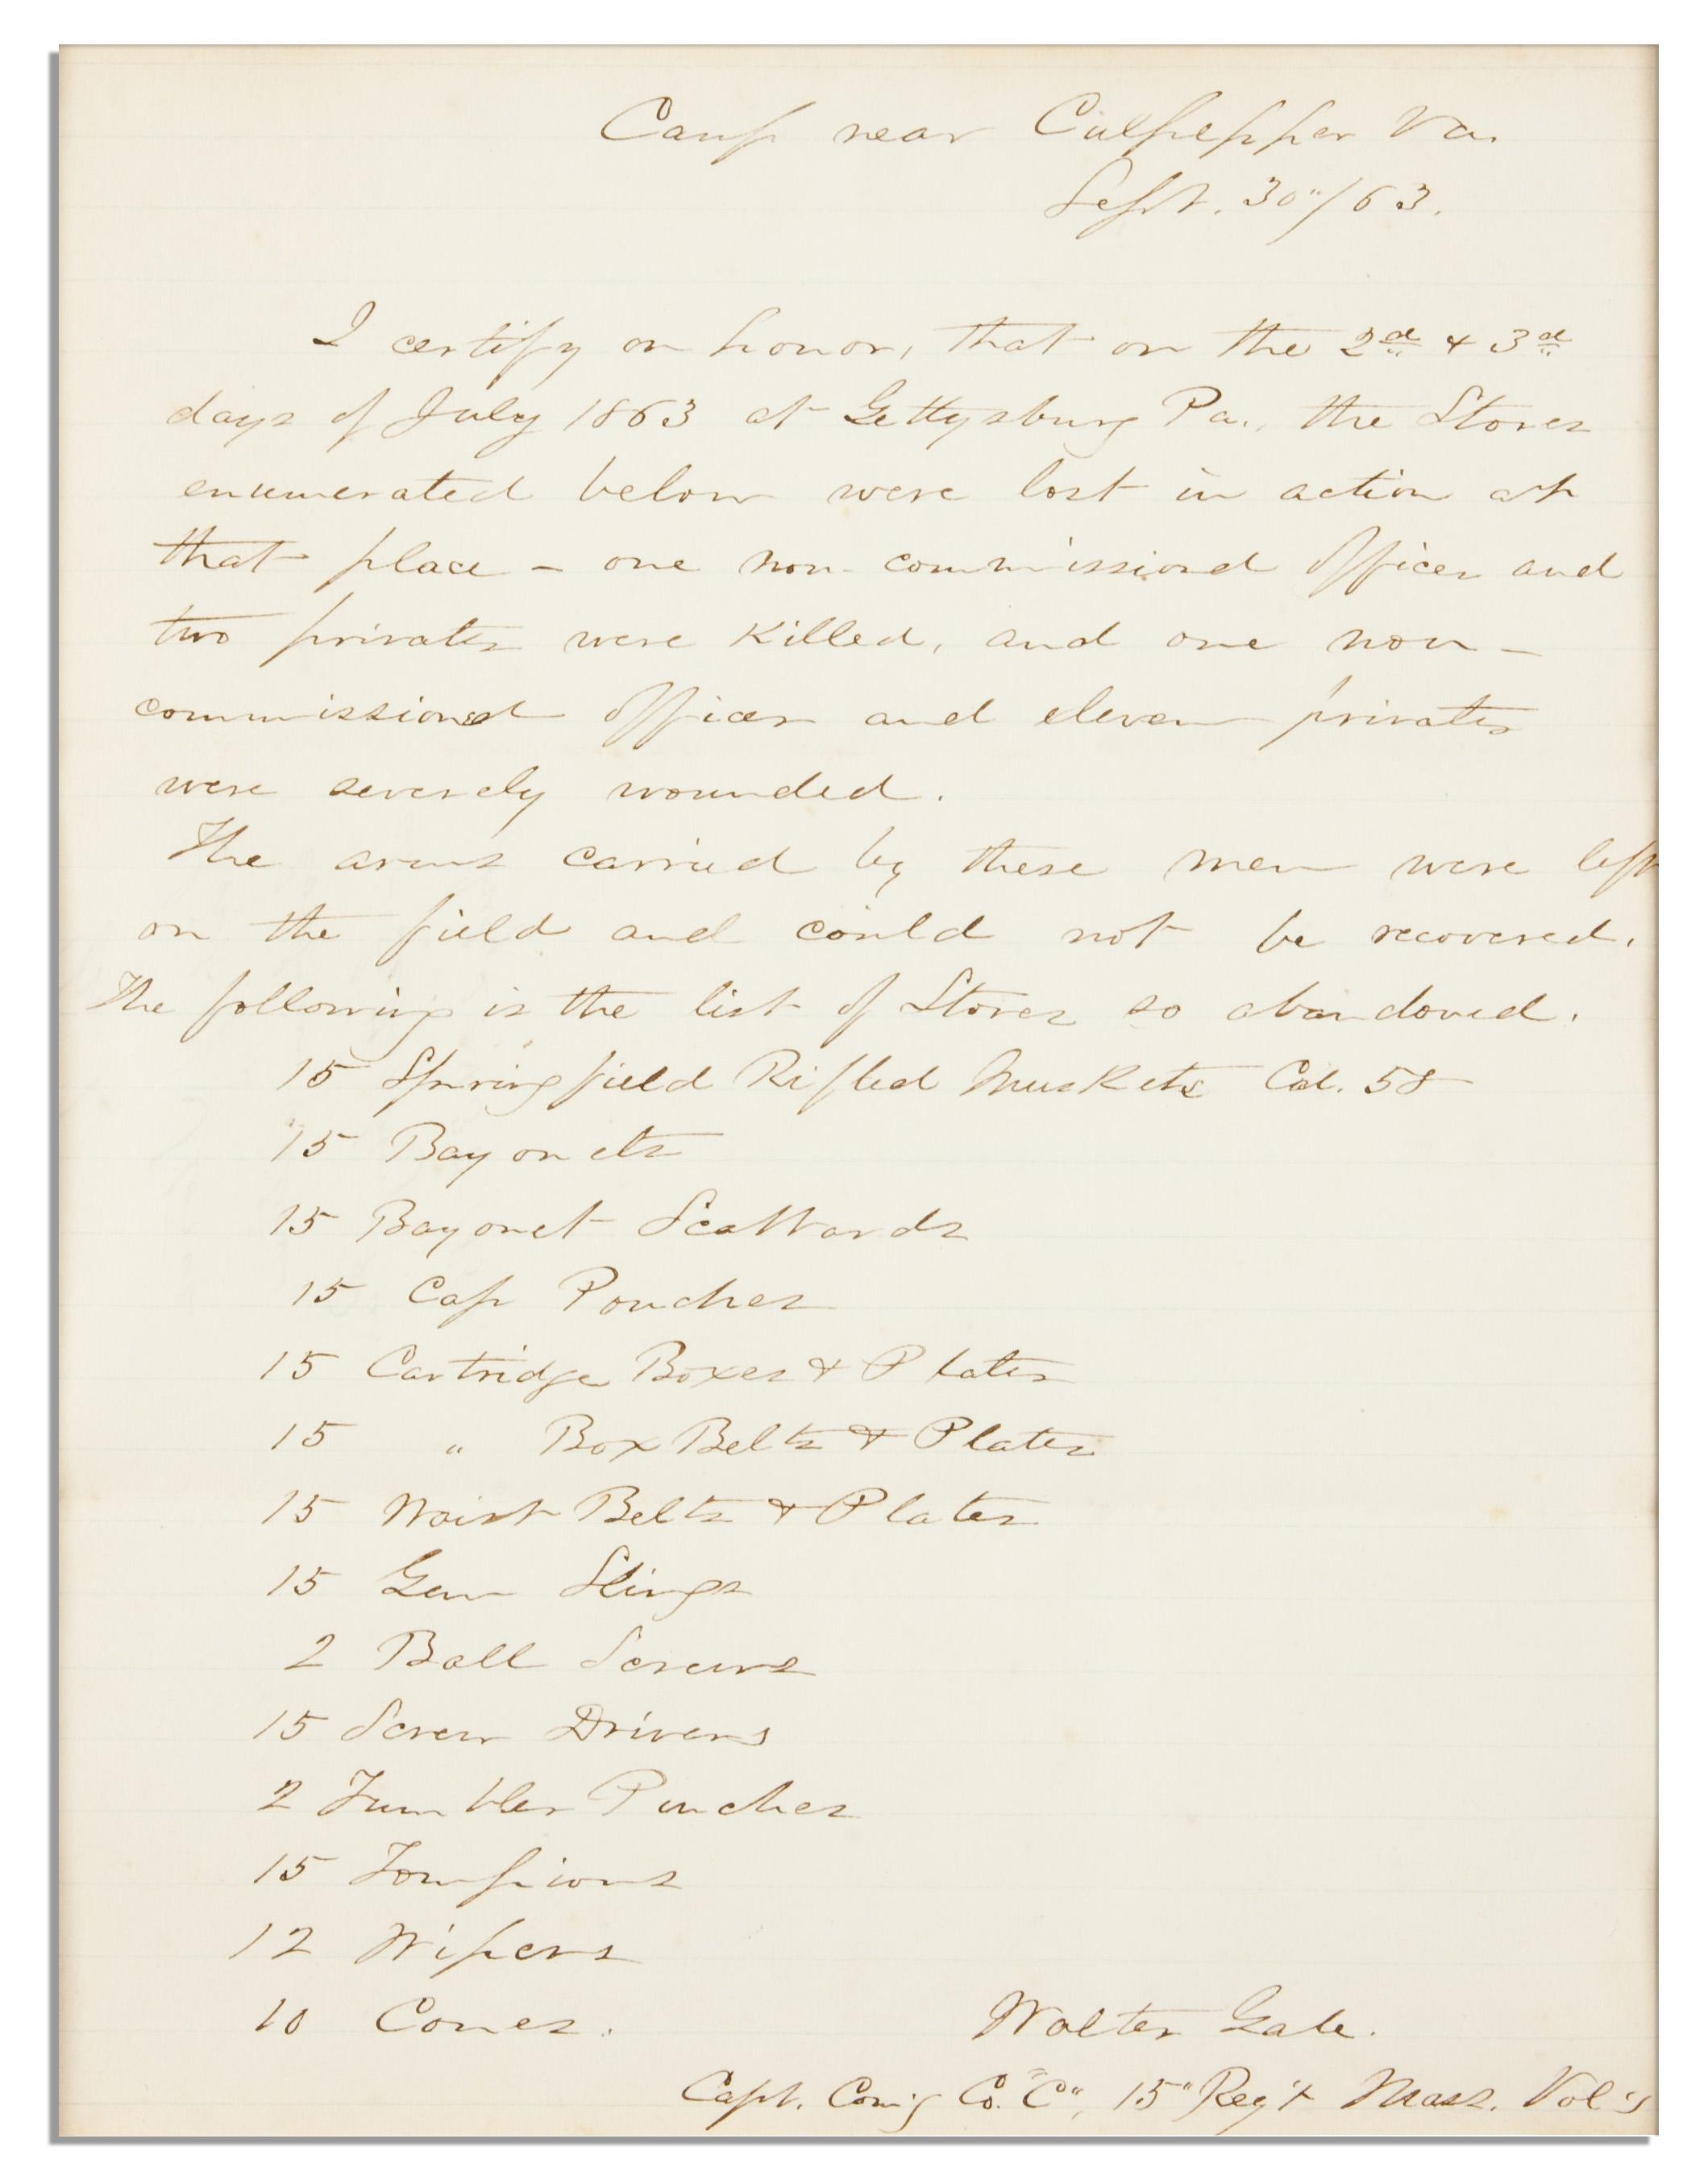 Gettysburg Letter